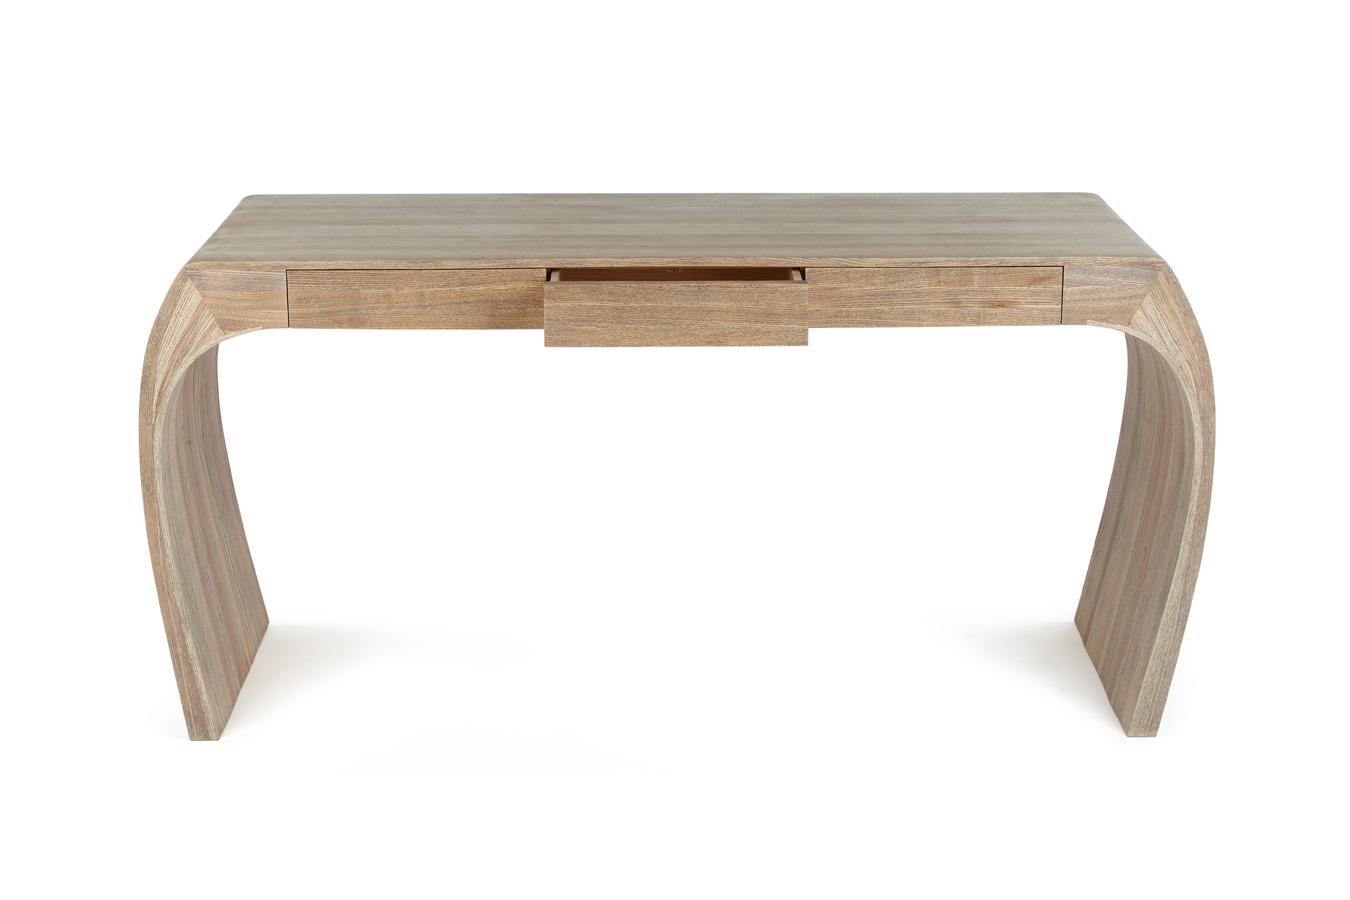 10_Ash-Desk-with-white-oil-finish_3.jpg